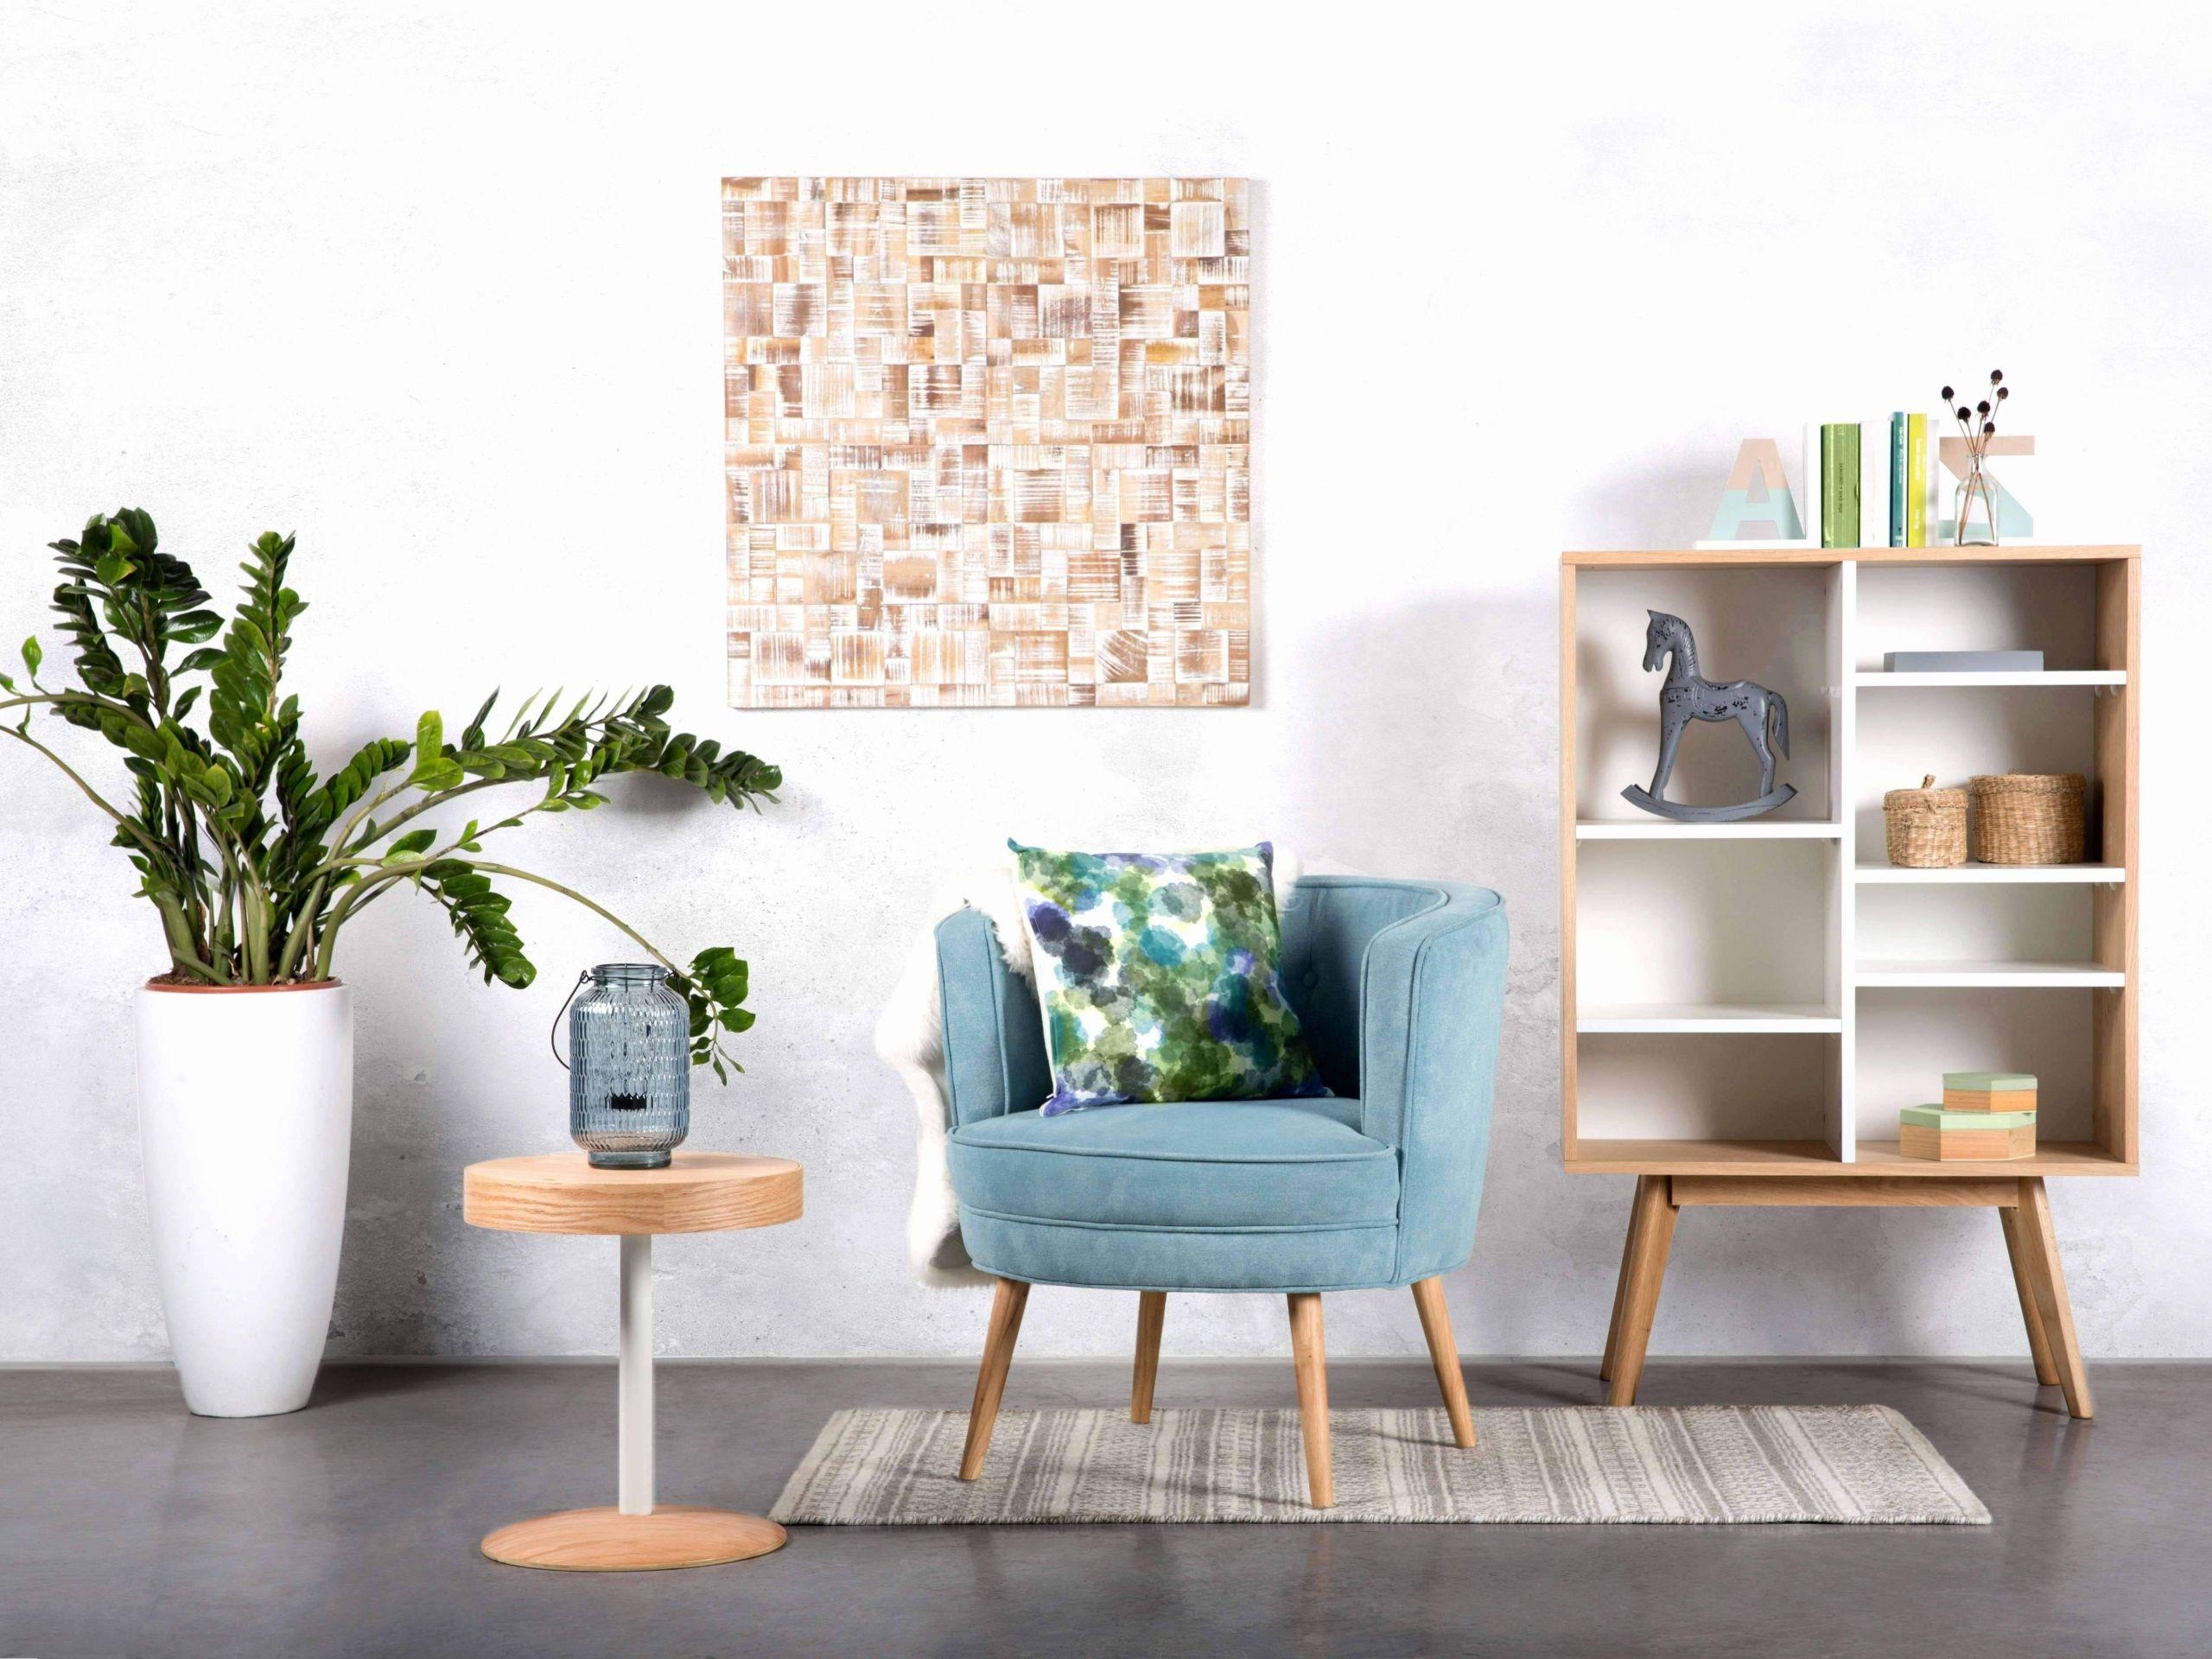 baum im wohnzimmer inspirierend wohnzimmer deko quelle das beste von deko ideen baumstamm of baum im wohnzimmer scaled